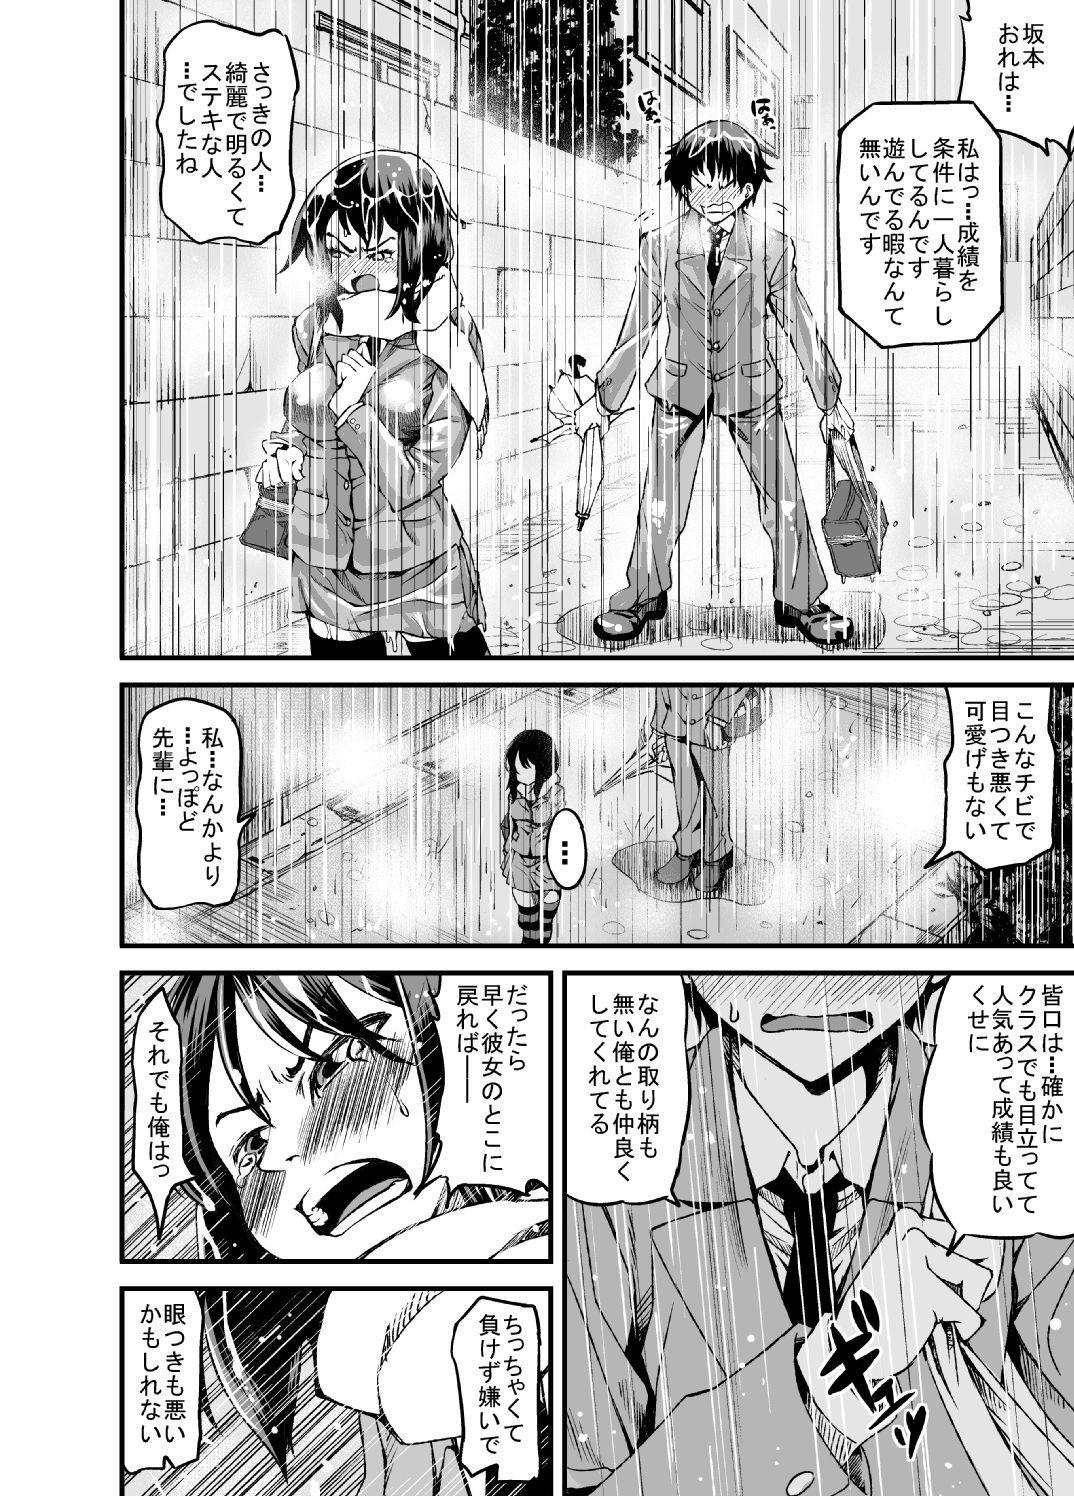 Ero Manga 6